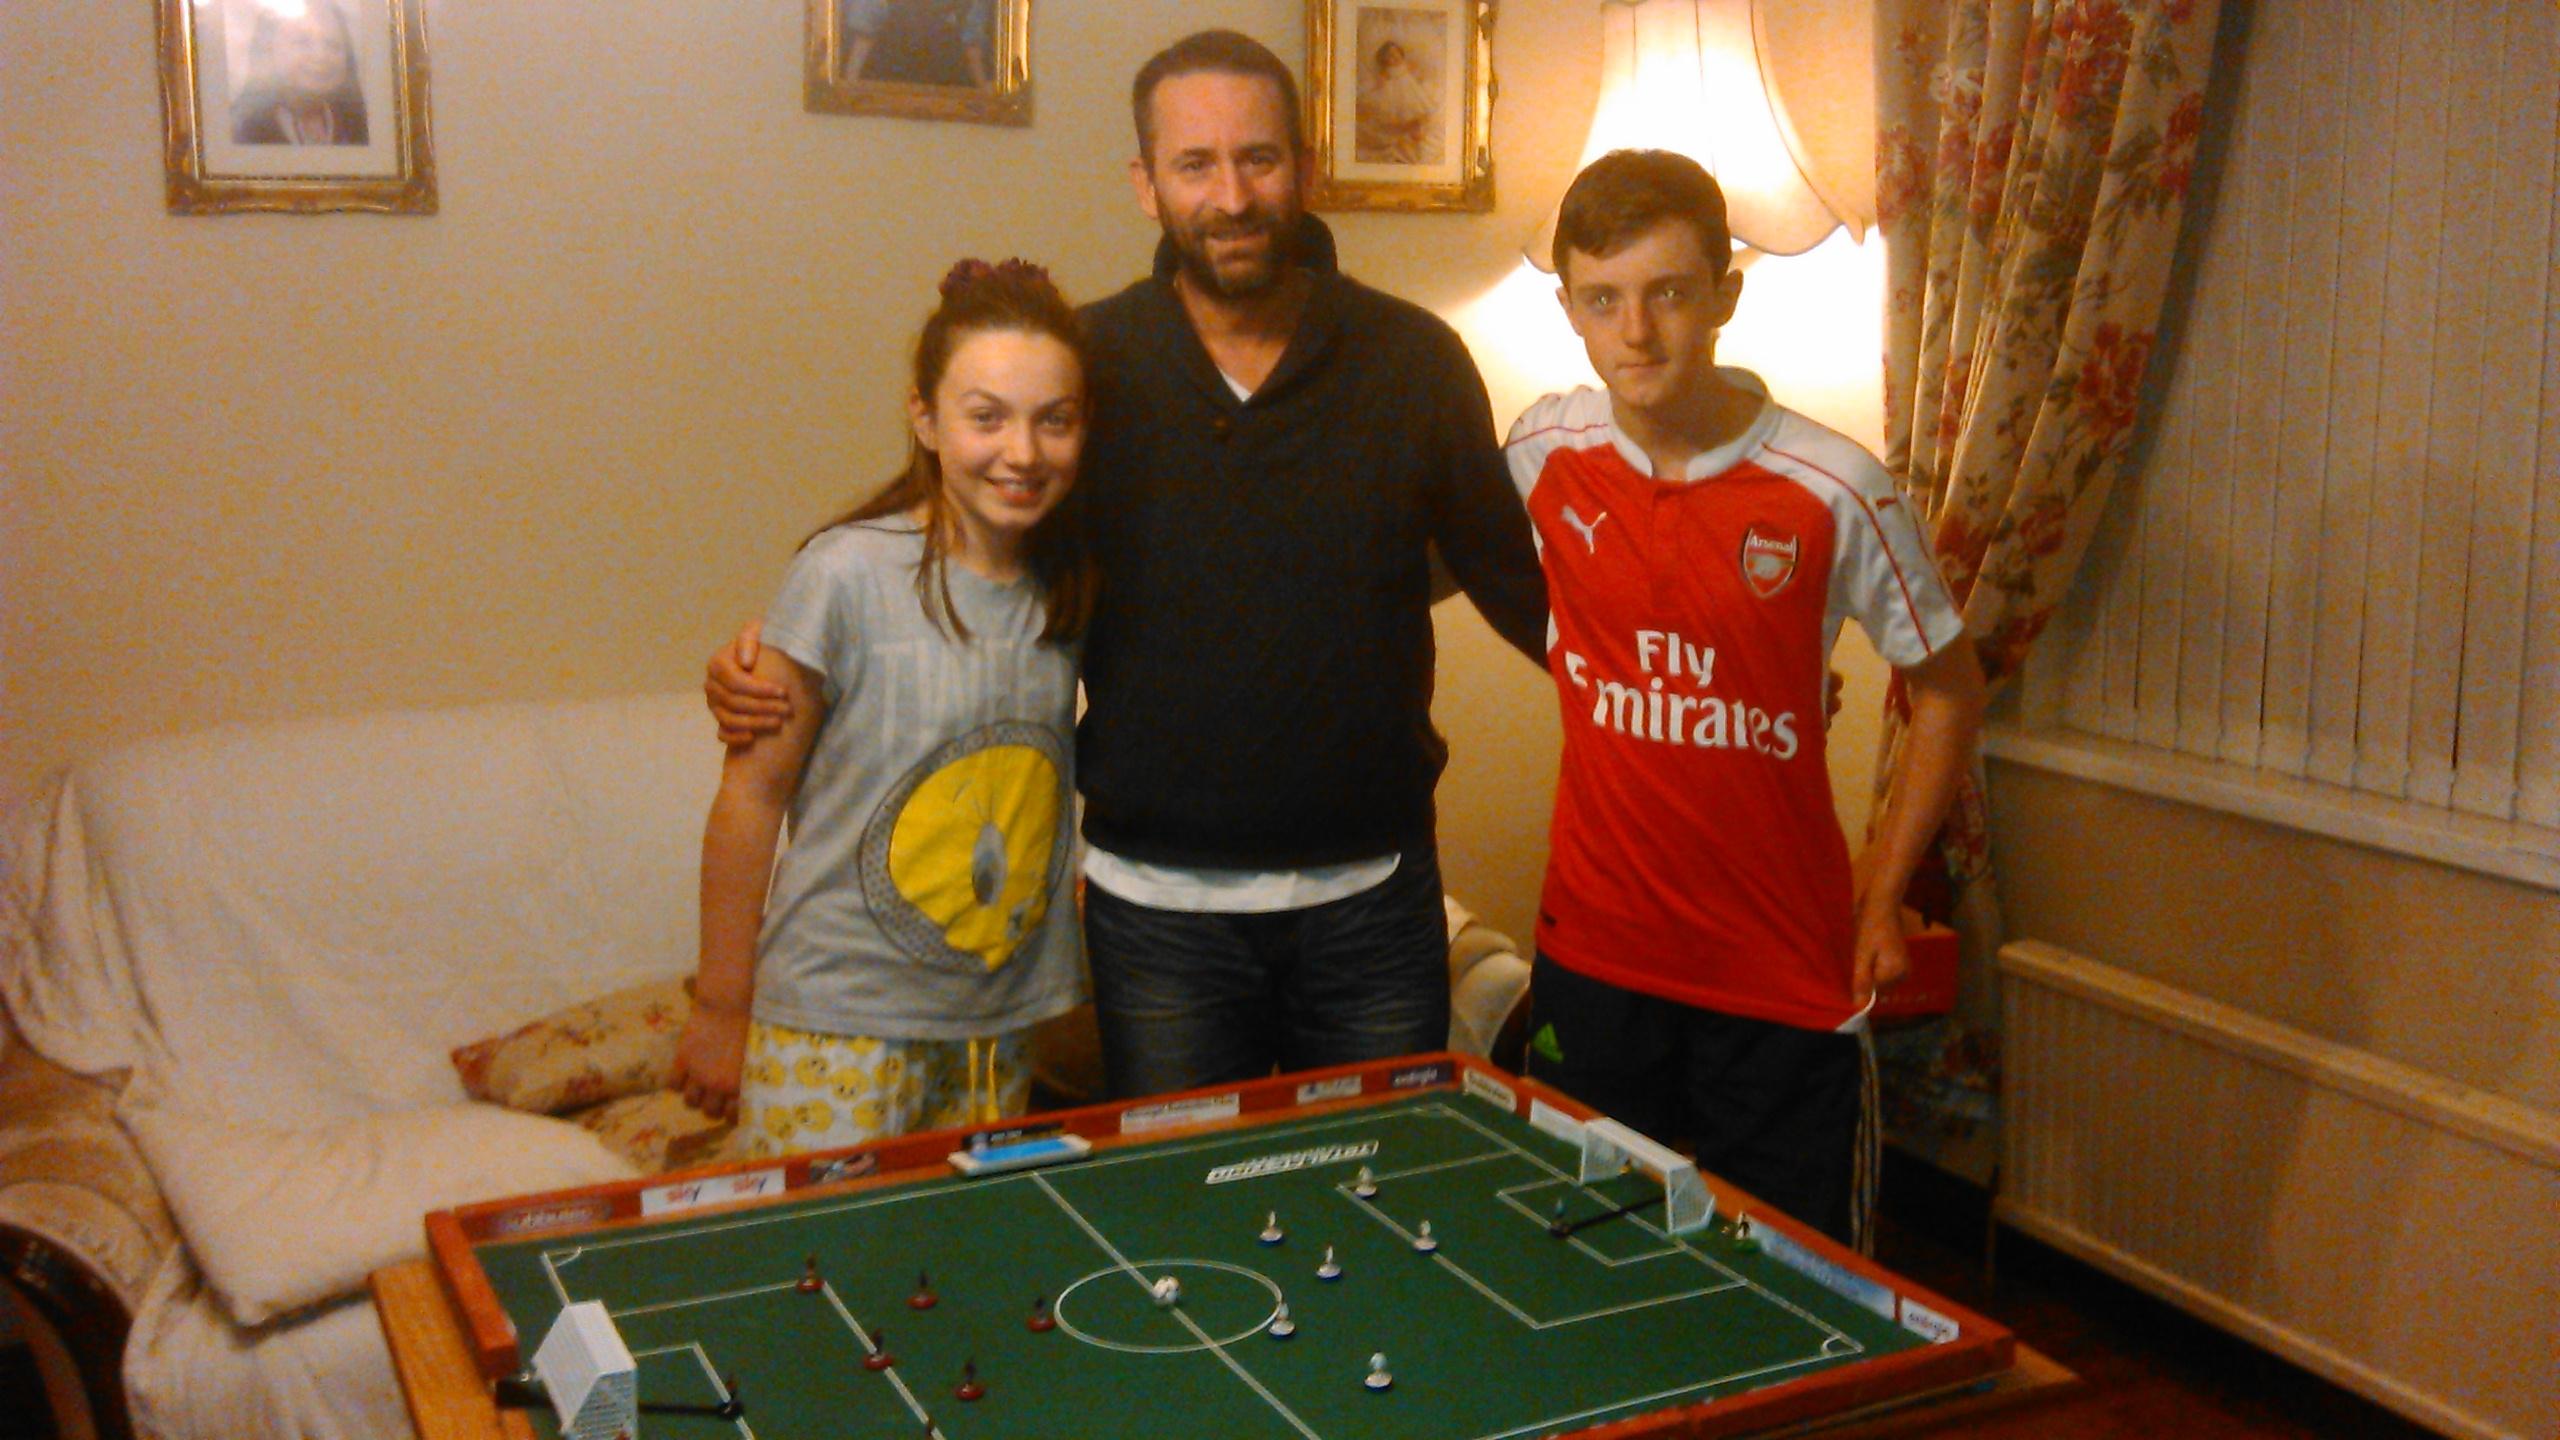 Caoimhe, Brian, Cormac